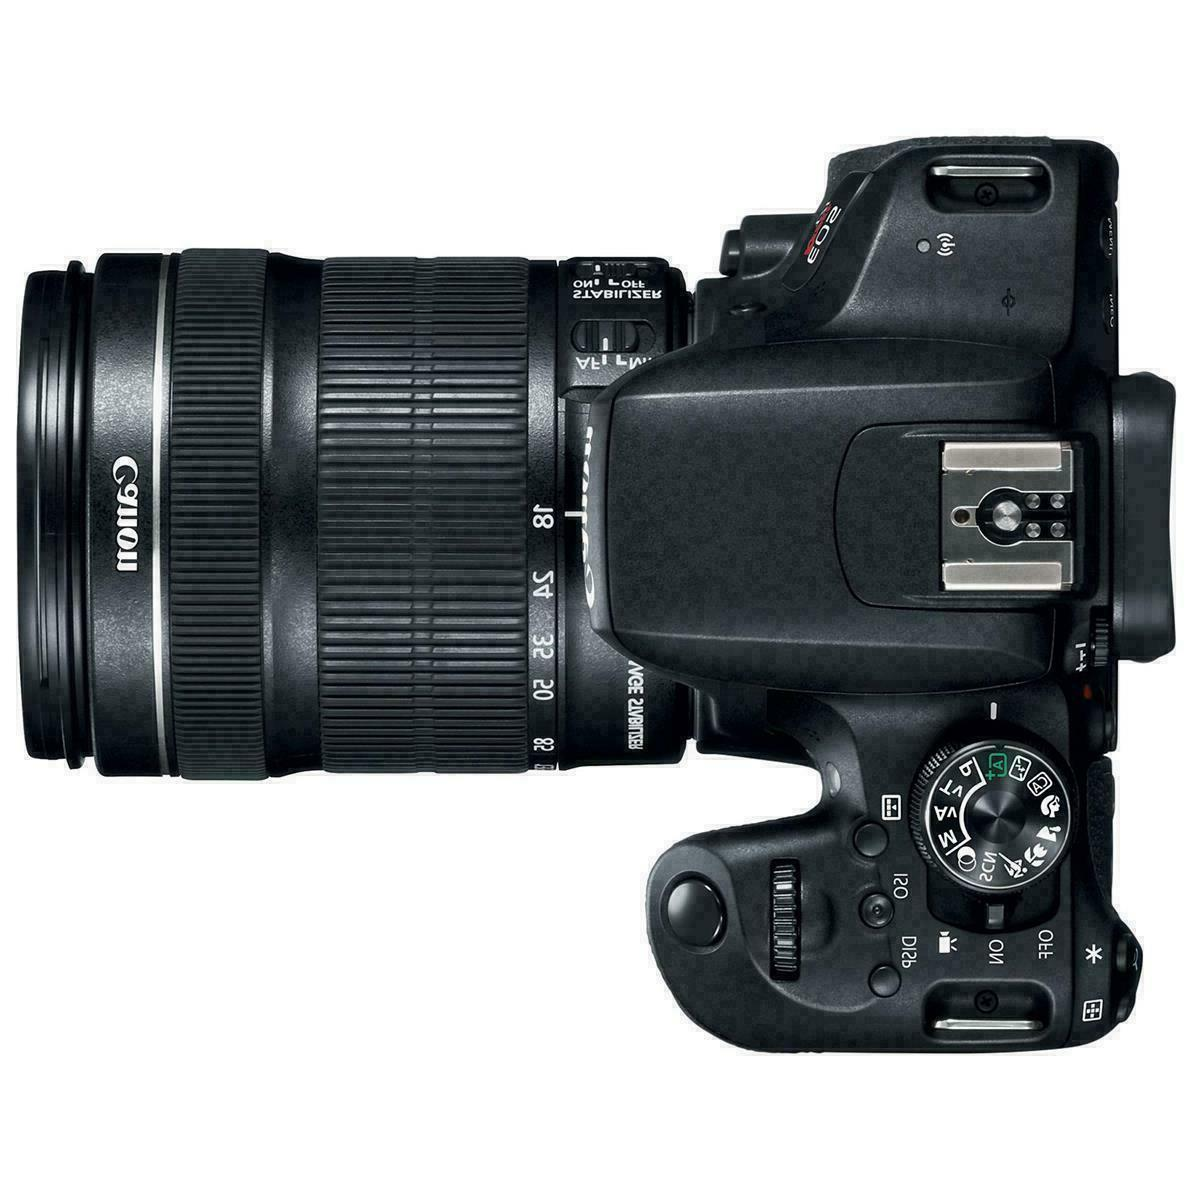 24MP 18-135 IS STM Kit-HD-WiFi/NFC-NIB